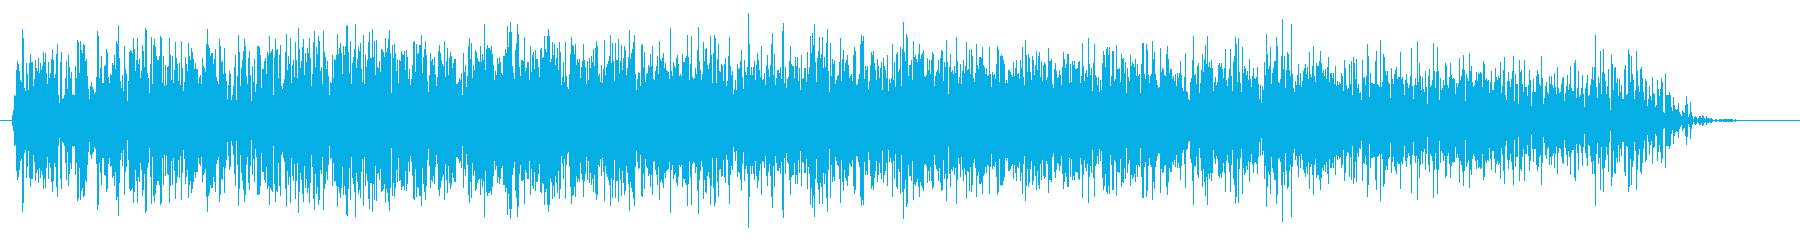 ズゥゥゥウ【充電・チャージ・放出準備】の再生済みの波形